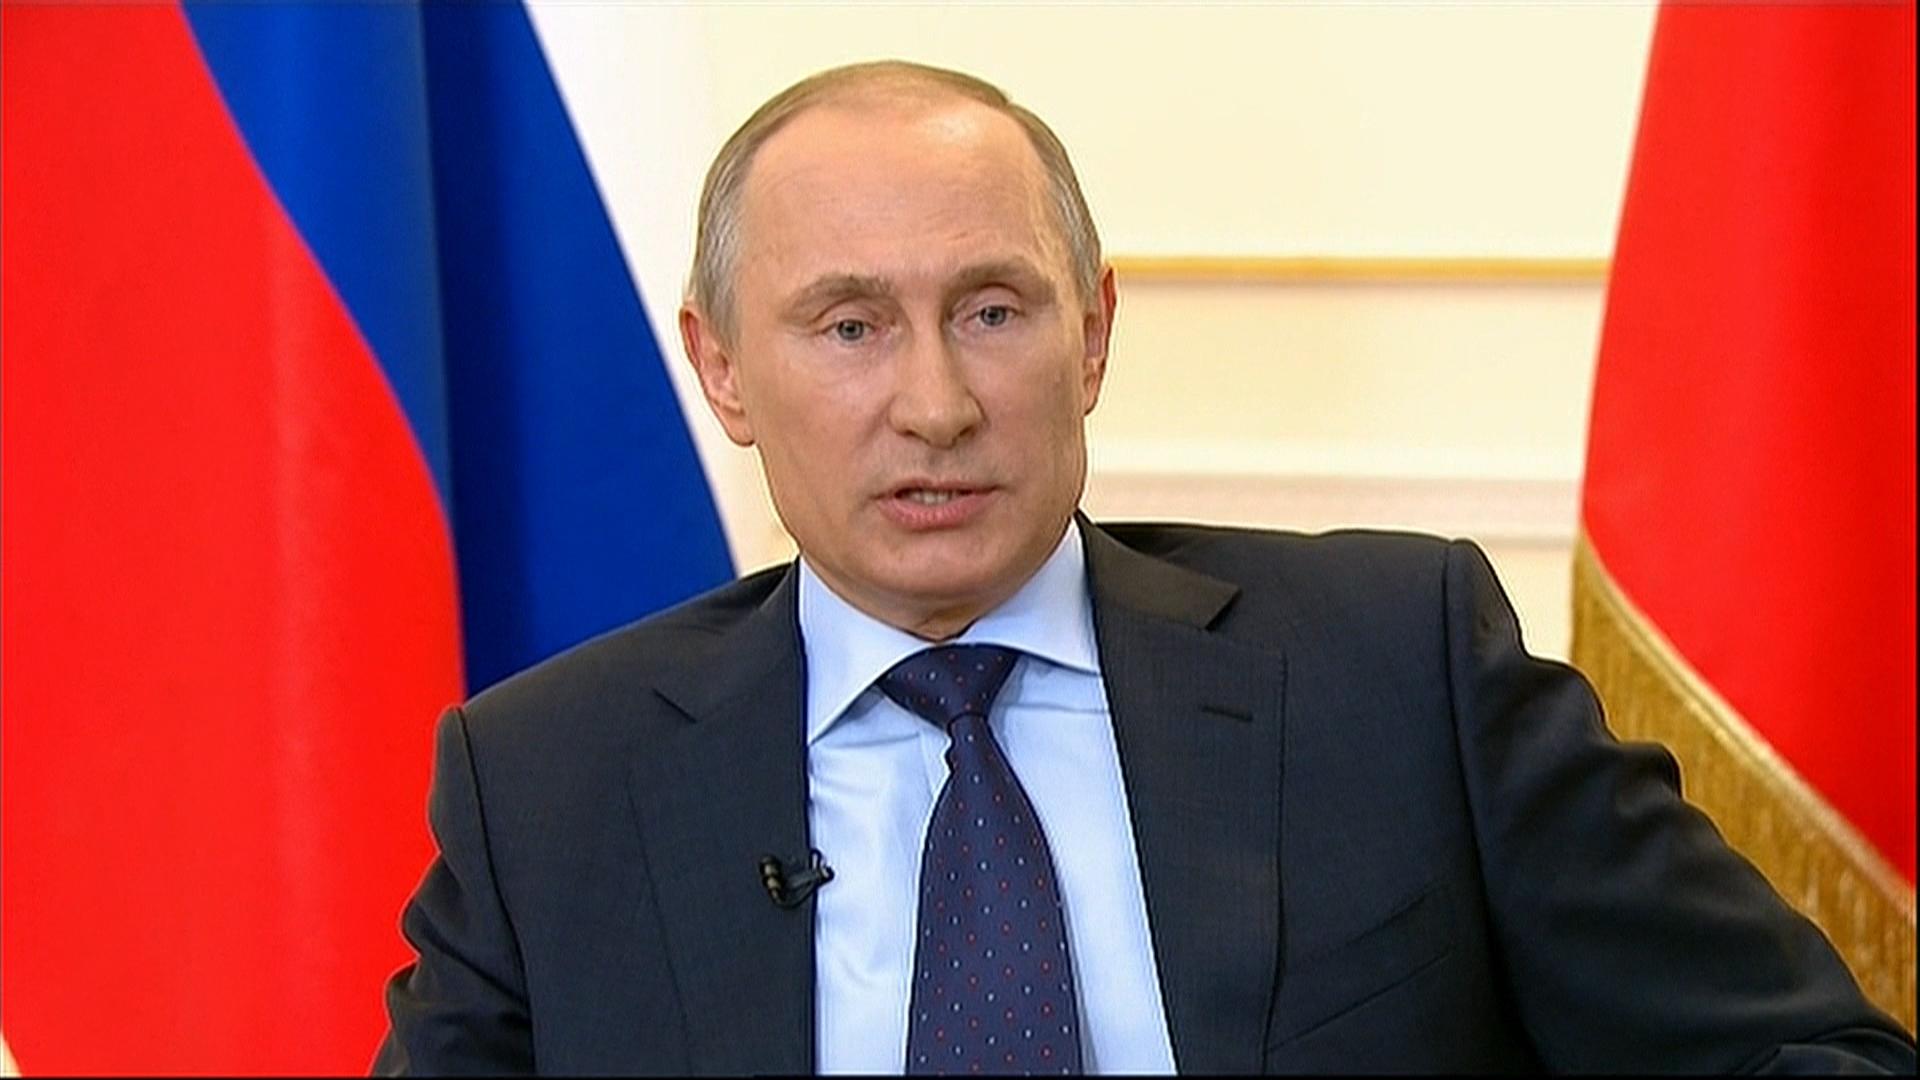 Deadlock between Russia and Ukraine continues